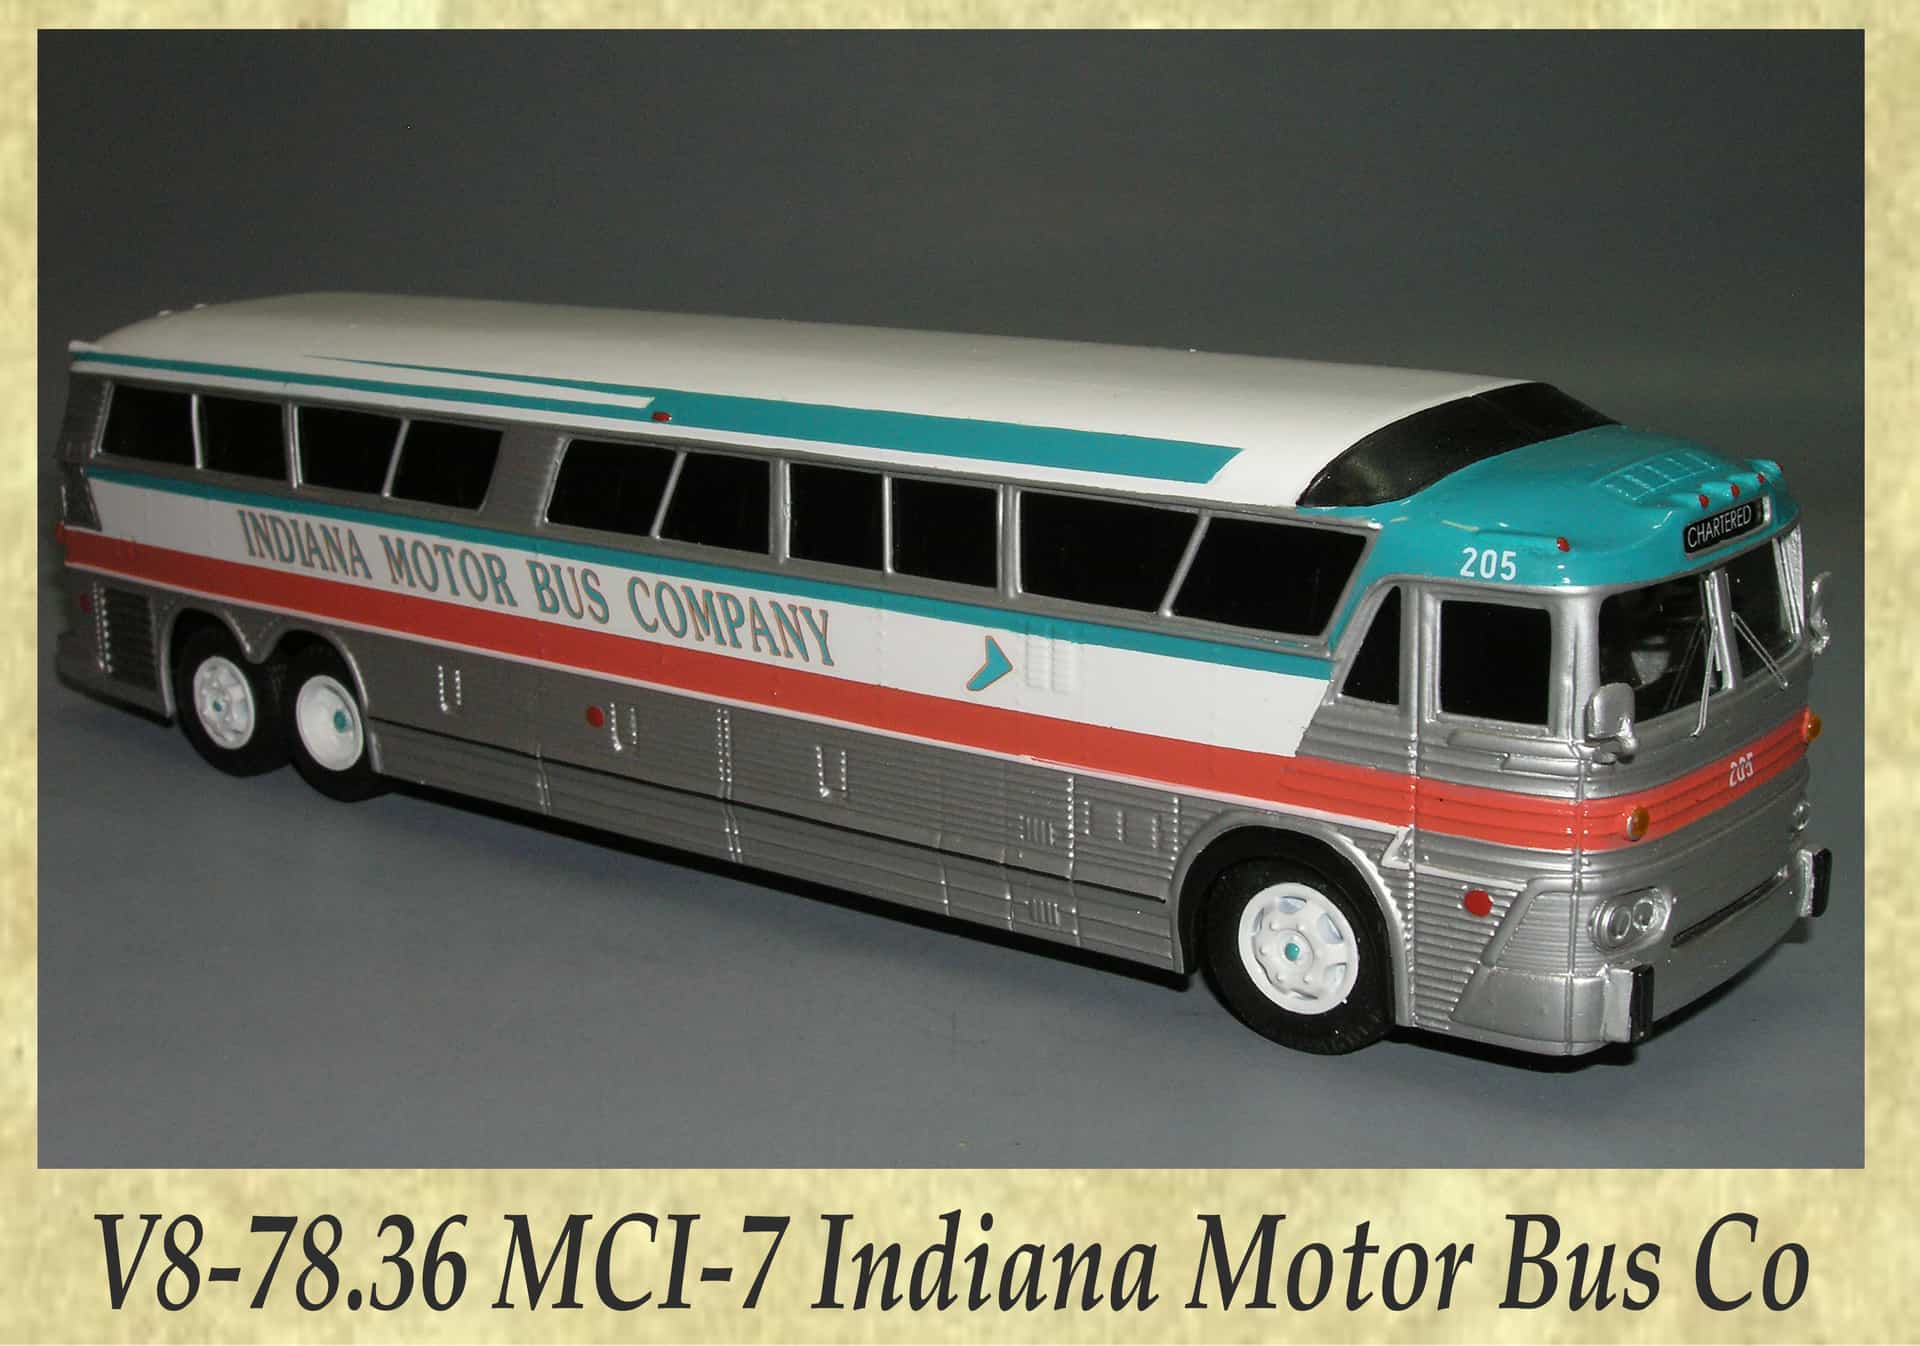 V8-78.36 MCI-7 Indiana Motor Bus Co